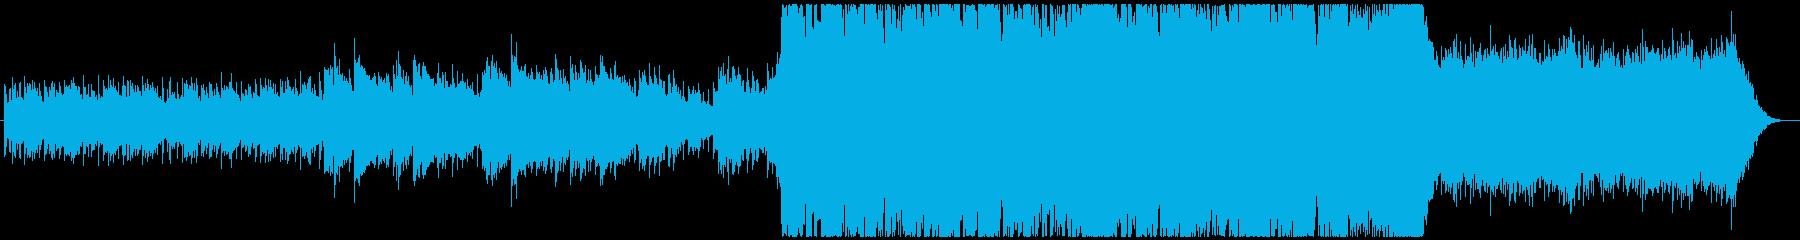 アコギ、シンセの悲しく神秘的なバラードの再生済みの波形